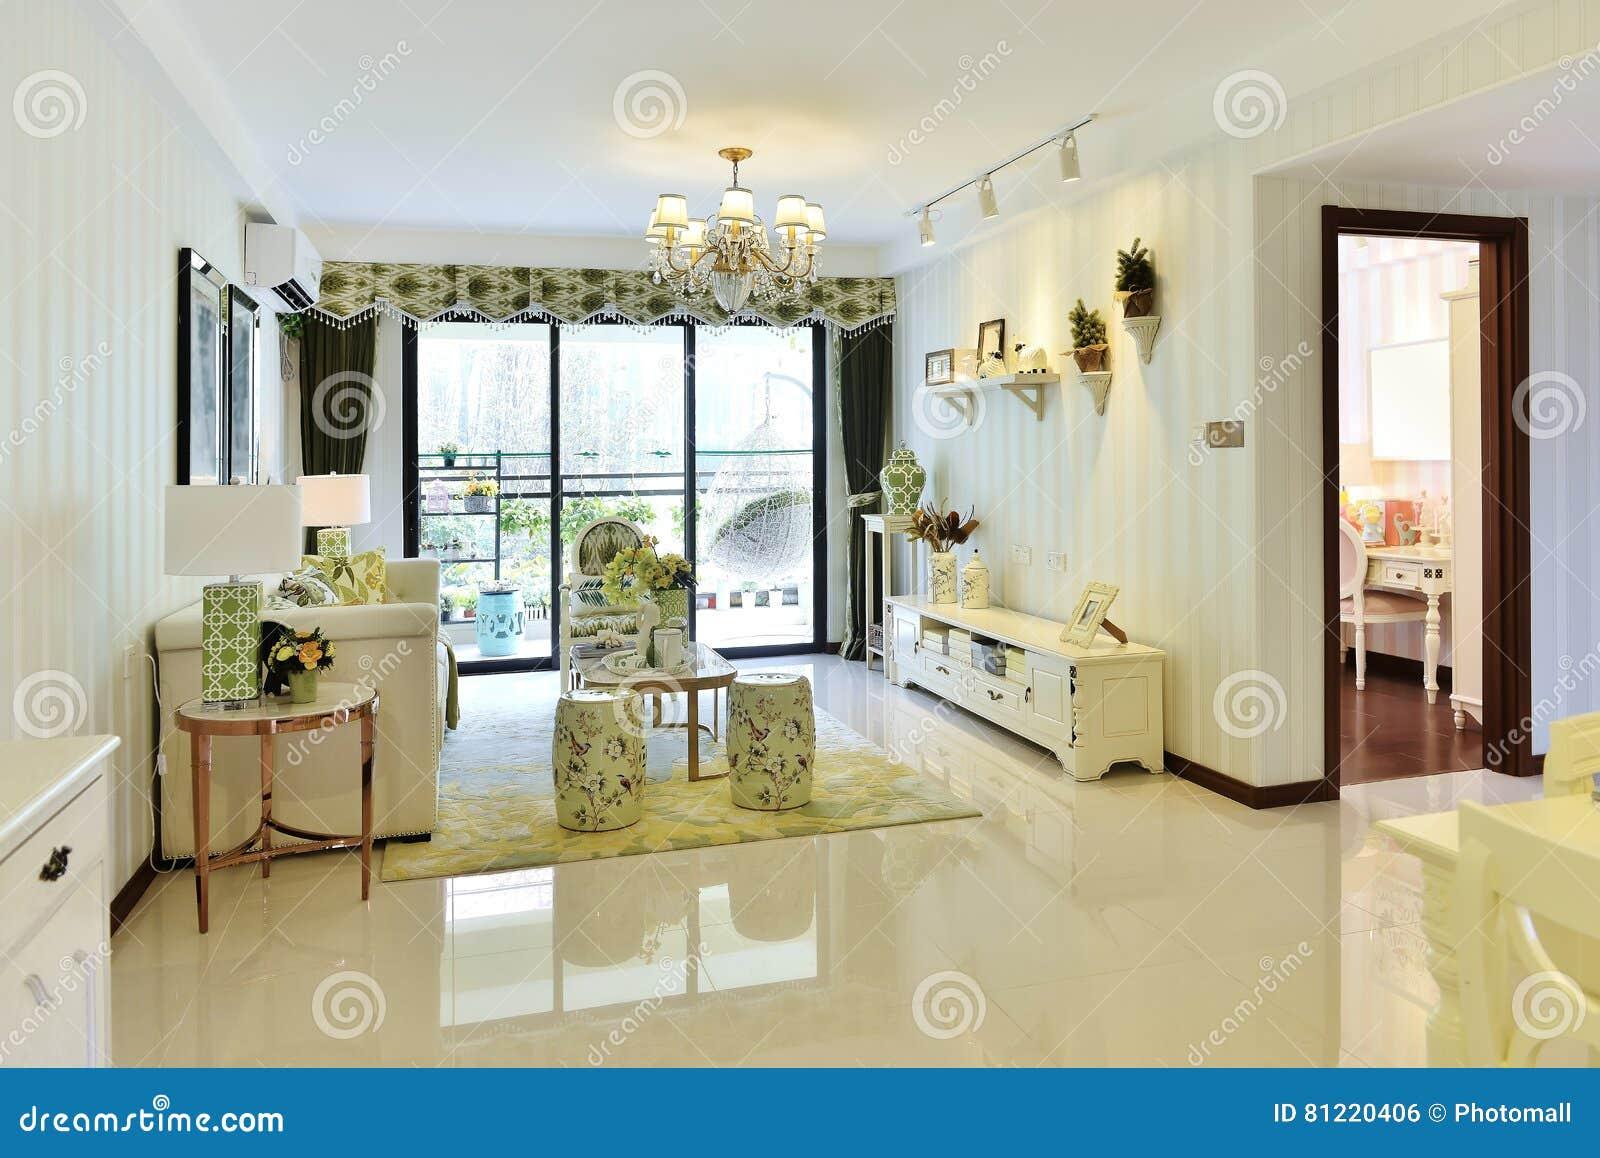 绘图室客厅